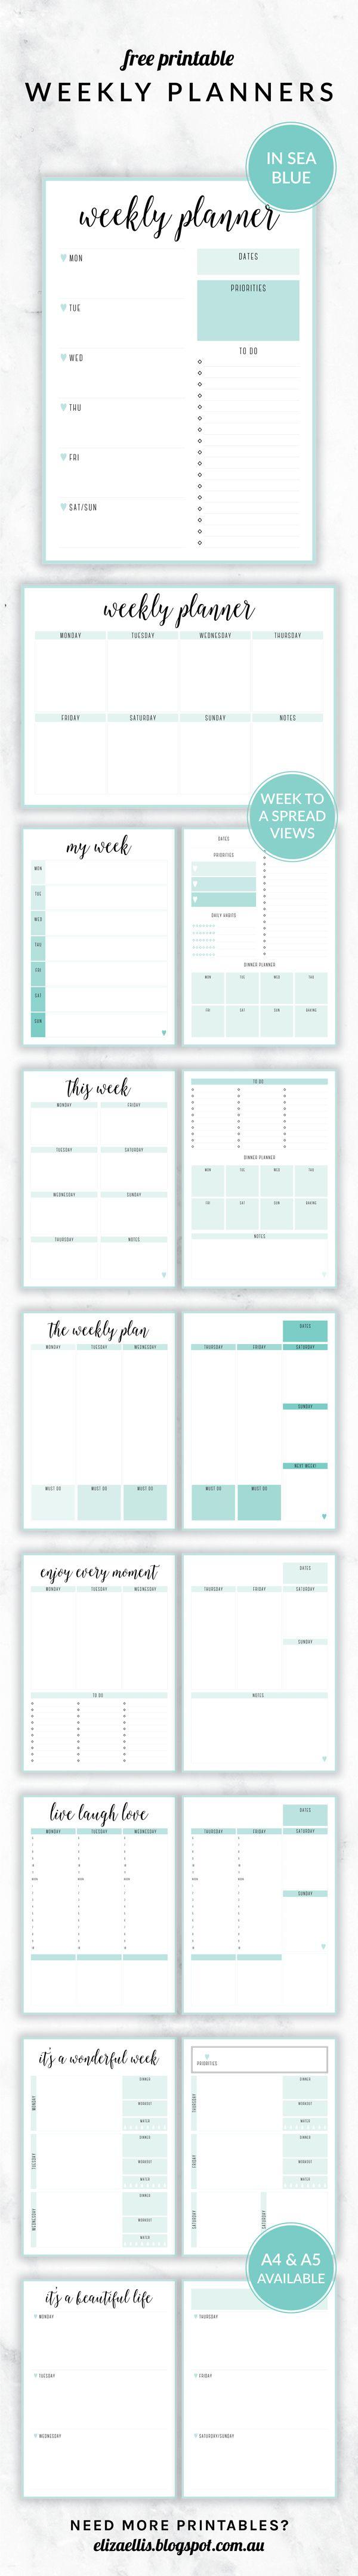 Free Printable Irma Weekly Planners Weekly Planner Planner Printable Planner